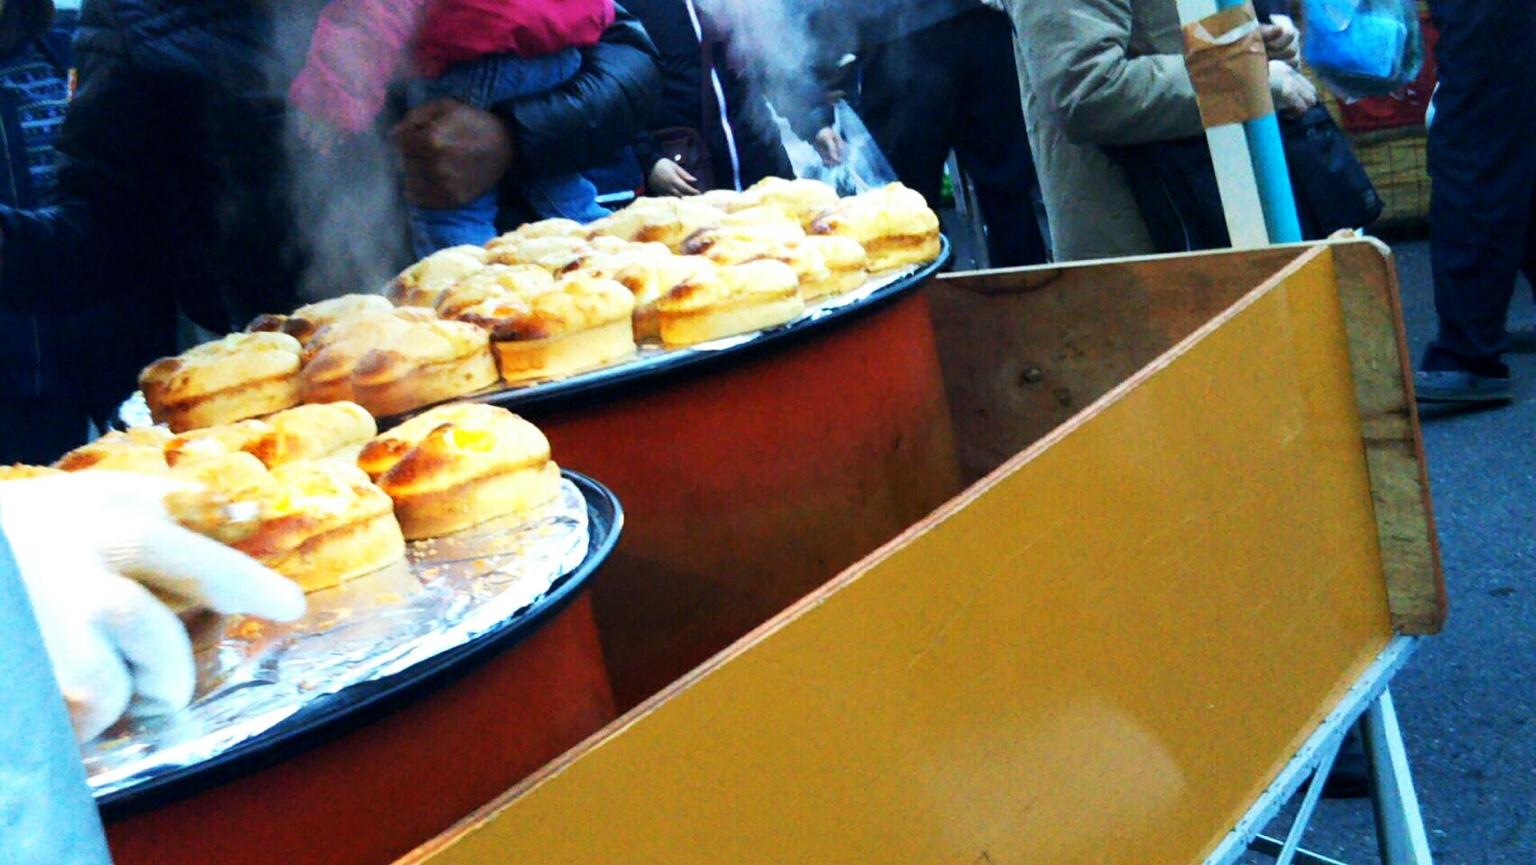 八戸市の館鼻岸壁マーケットで食べ歩き!日曜日限定の朝一に行ってきた